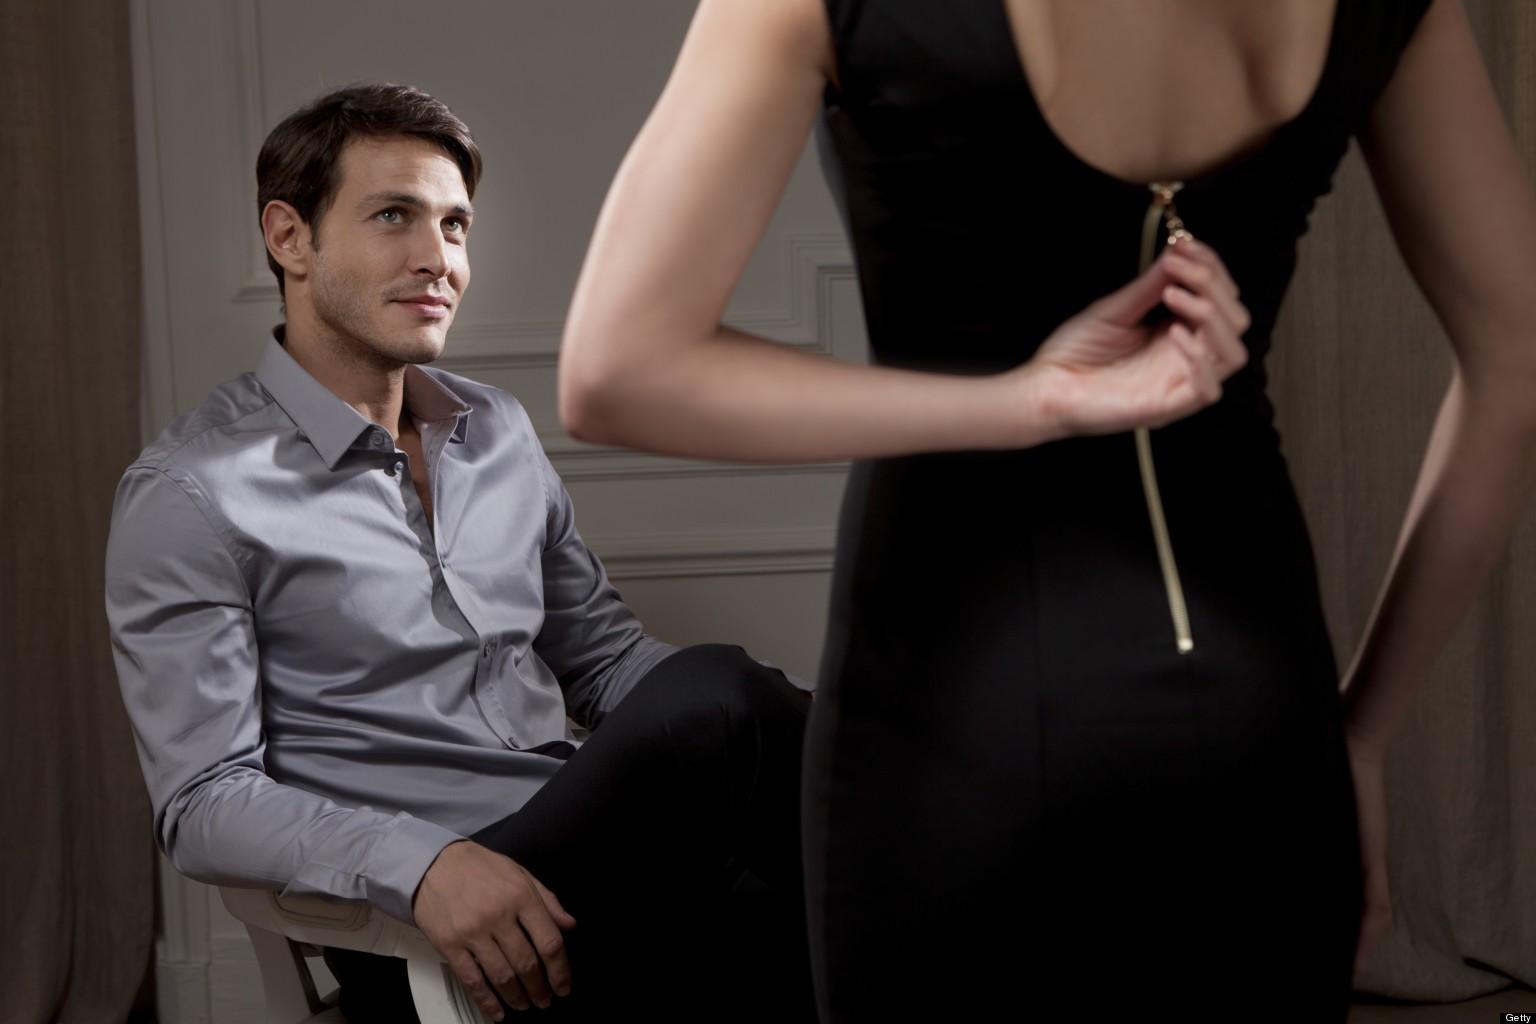 """Phụ nữ thời nay nực cười ở chỗ cứ thoải mái """"lên giường"""", tới khi lấy chồng lại muốn đàn ông chấp nhận? - Ảnh 1."""